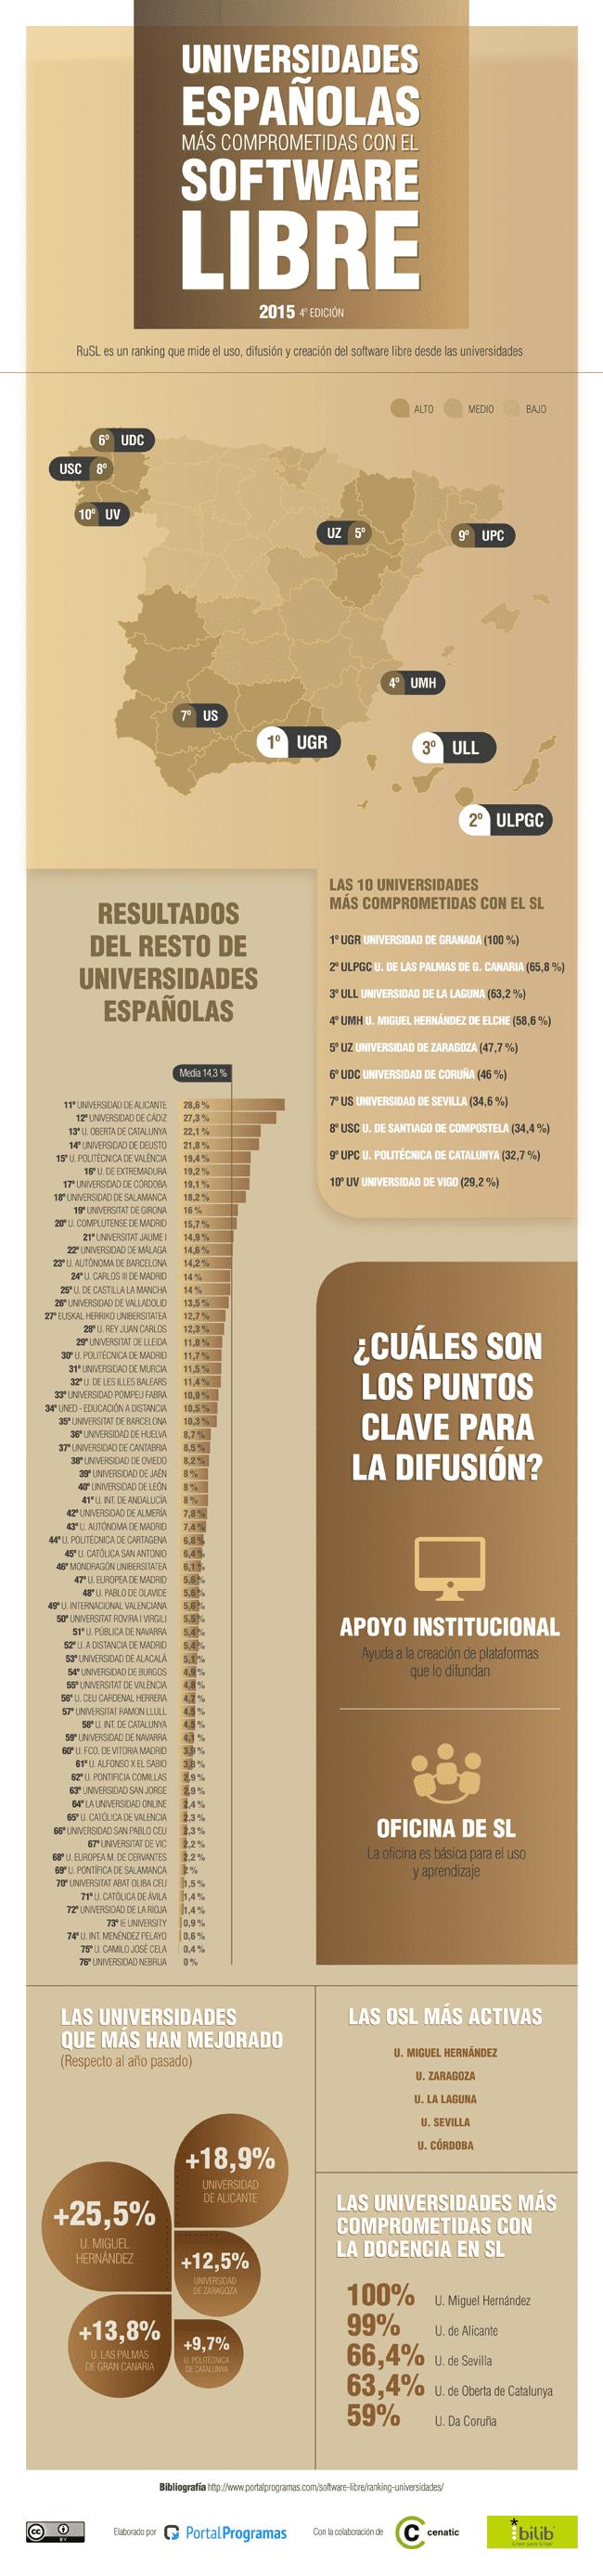 mejores-universidades-espanolas-2015-software-libre